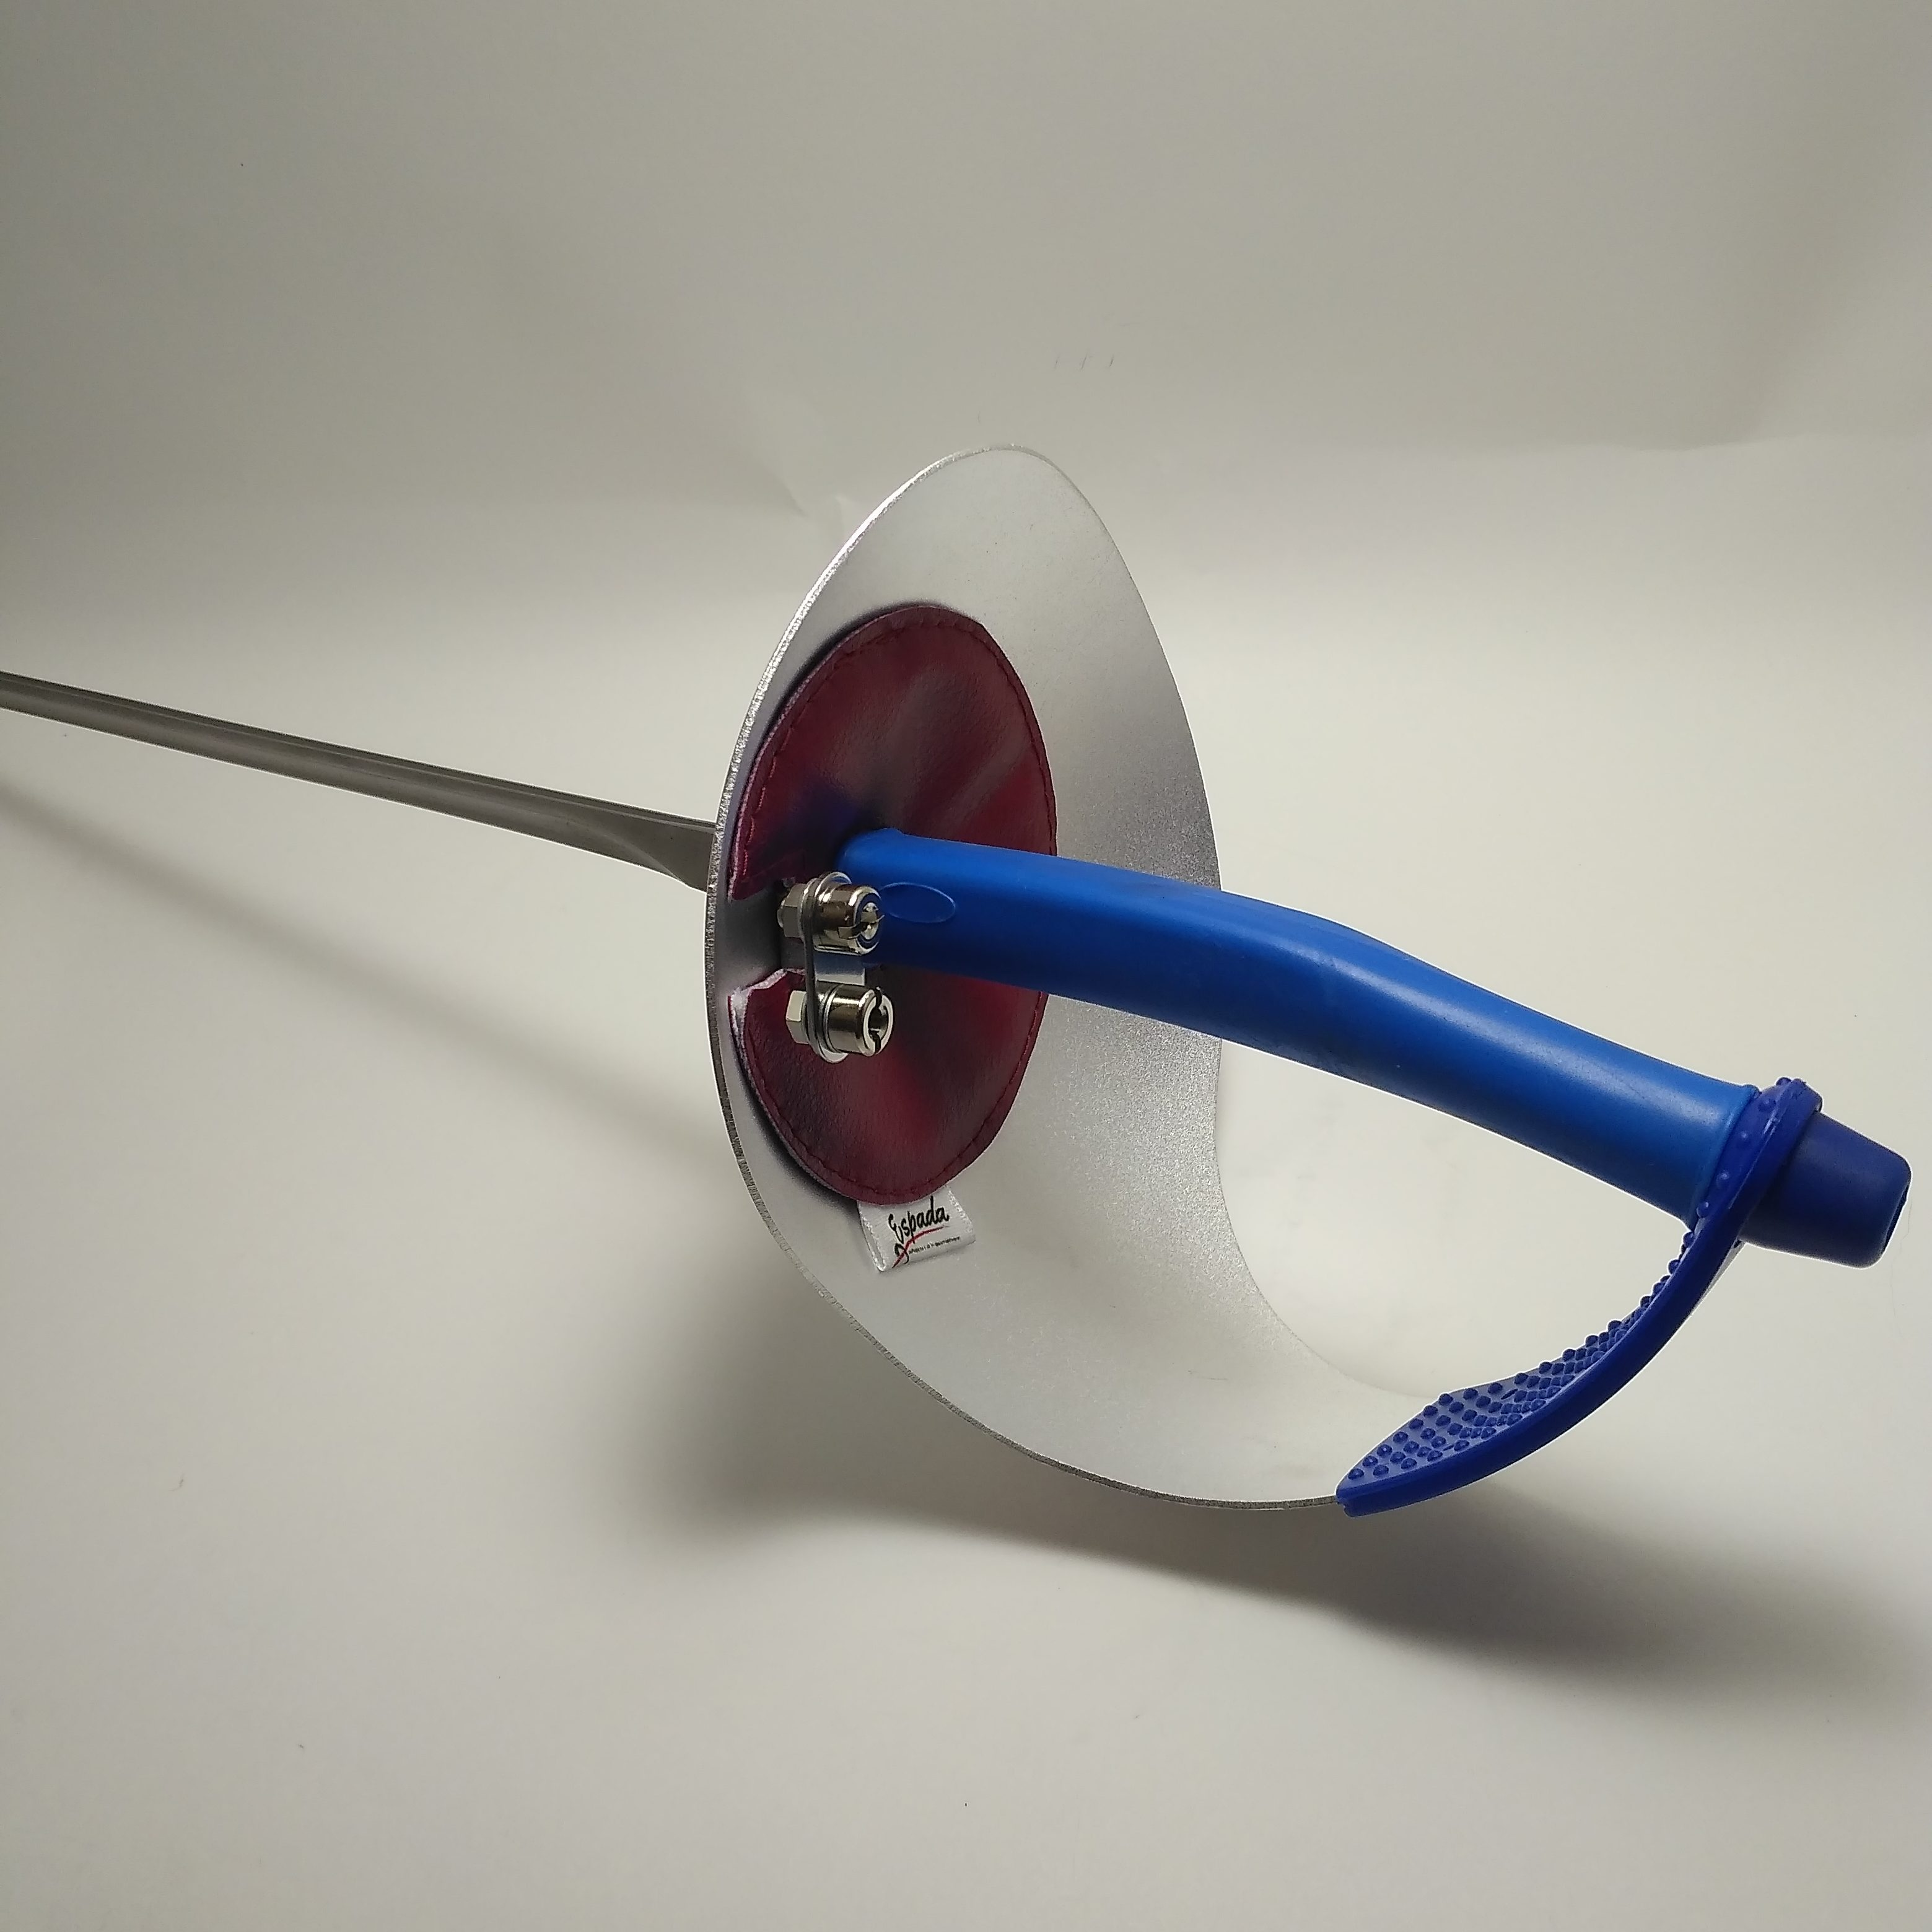 Сабля электро в сборе с француской ручкой (клинок Dynamo ) (1)